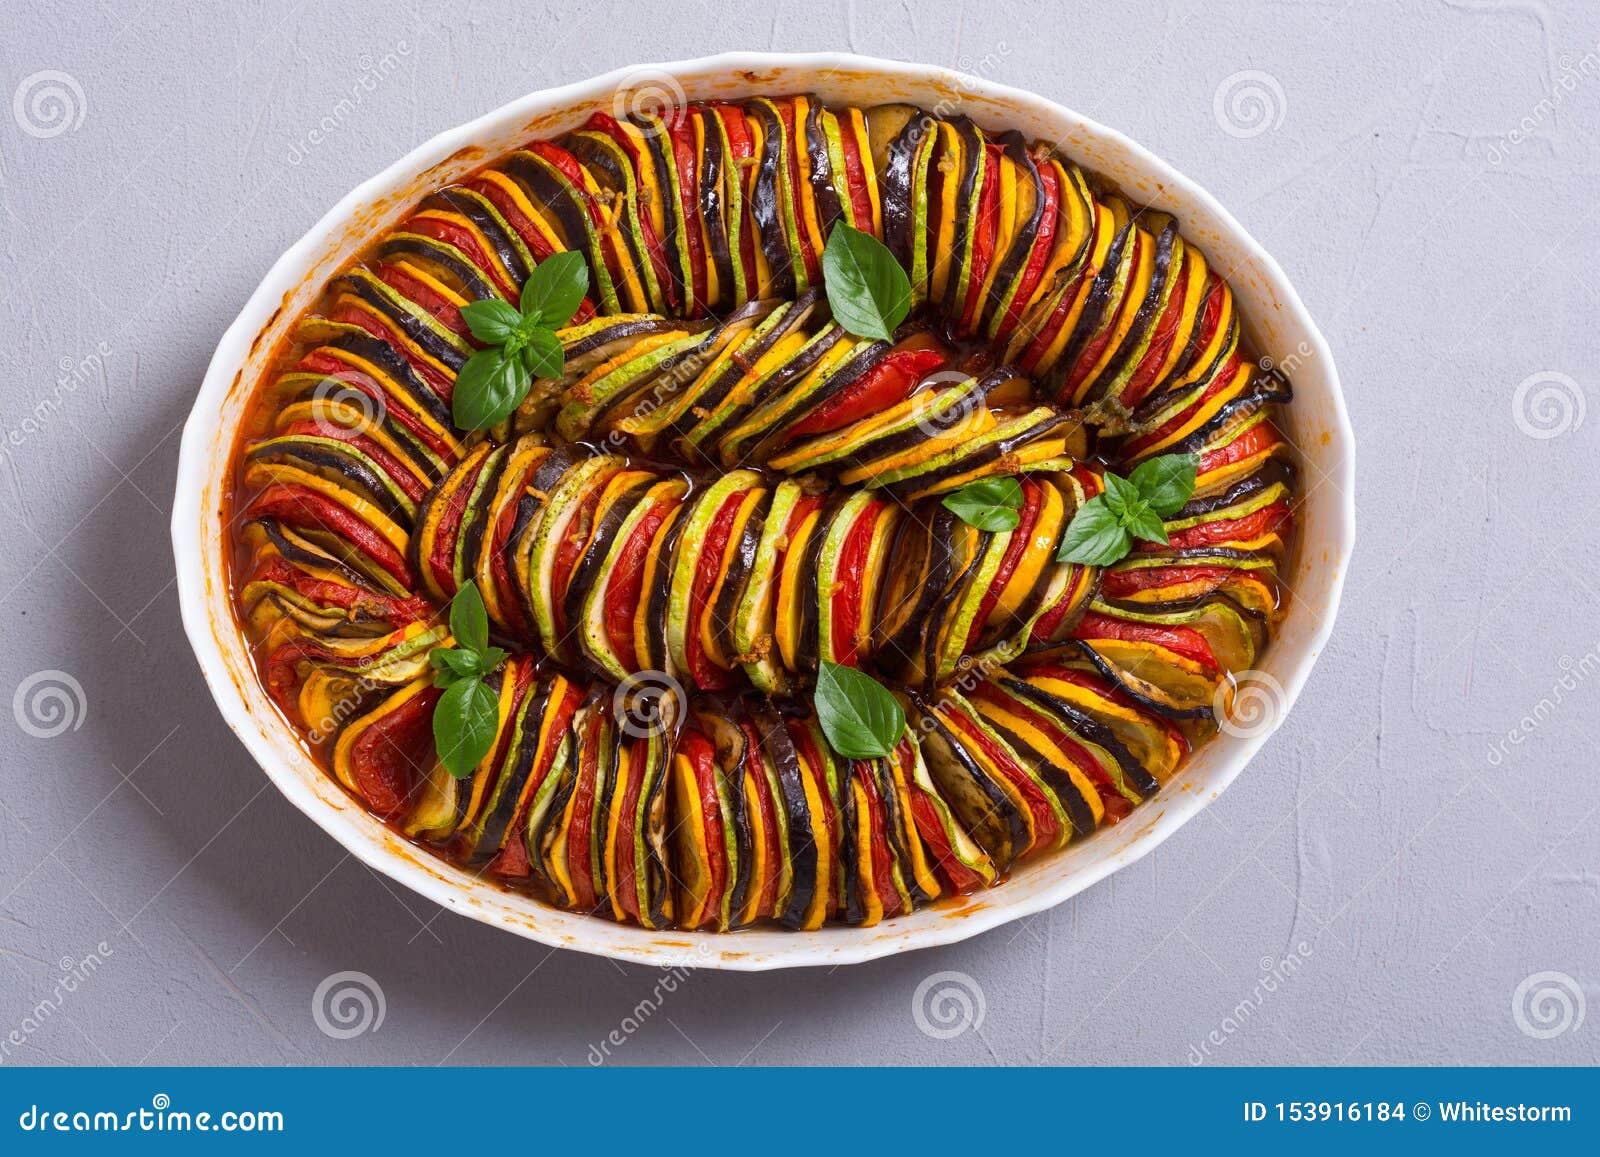 Traditionell fransk lagad mat provencal grönsakmaträtt - ratatouille